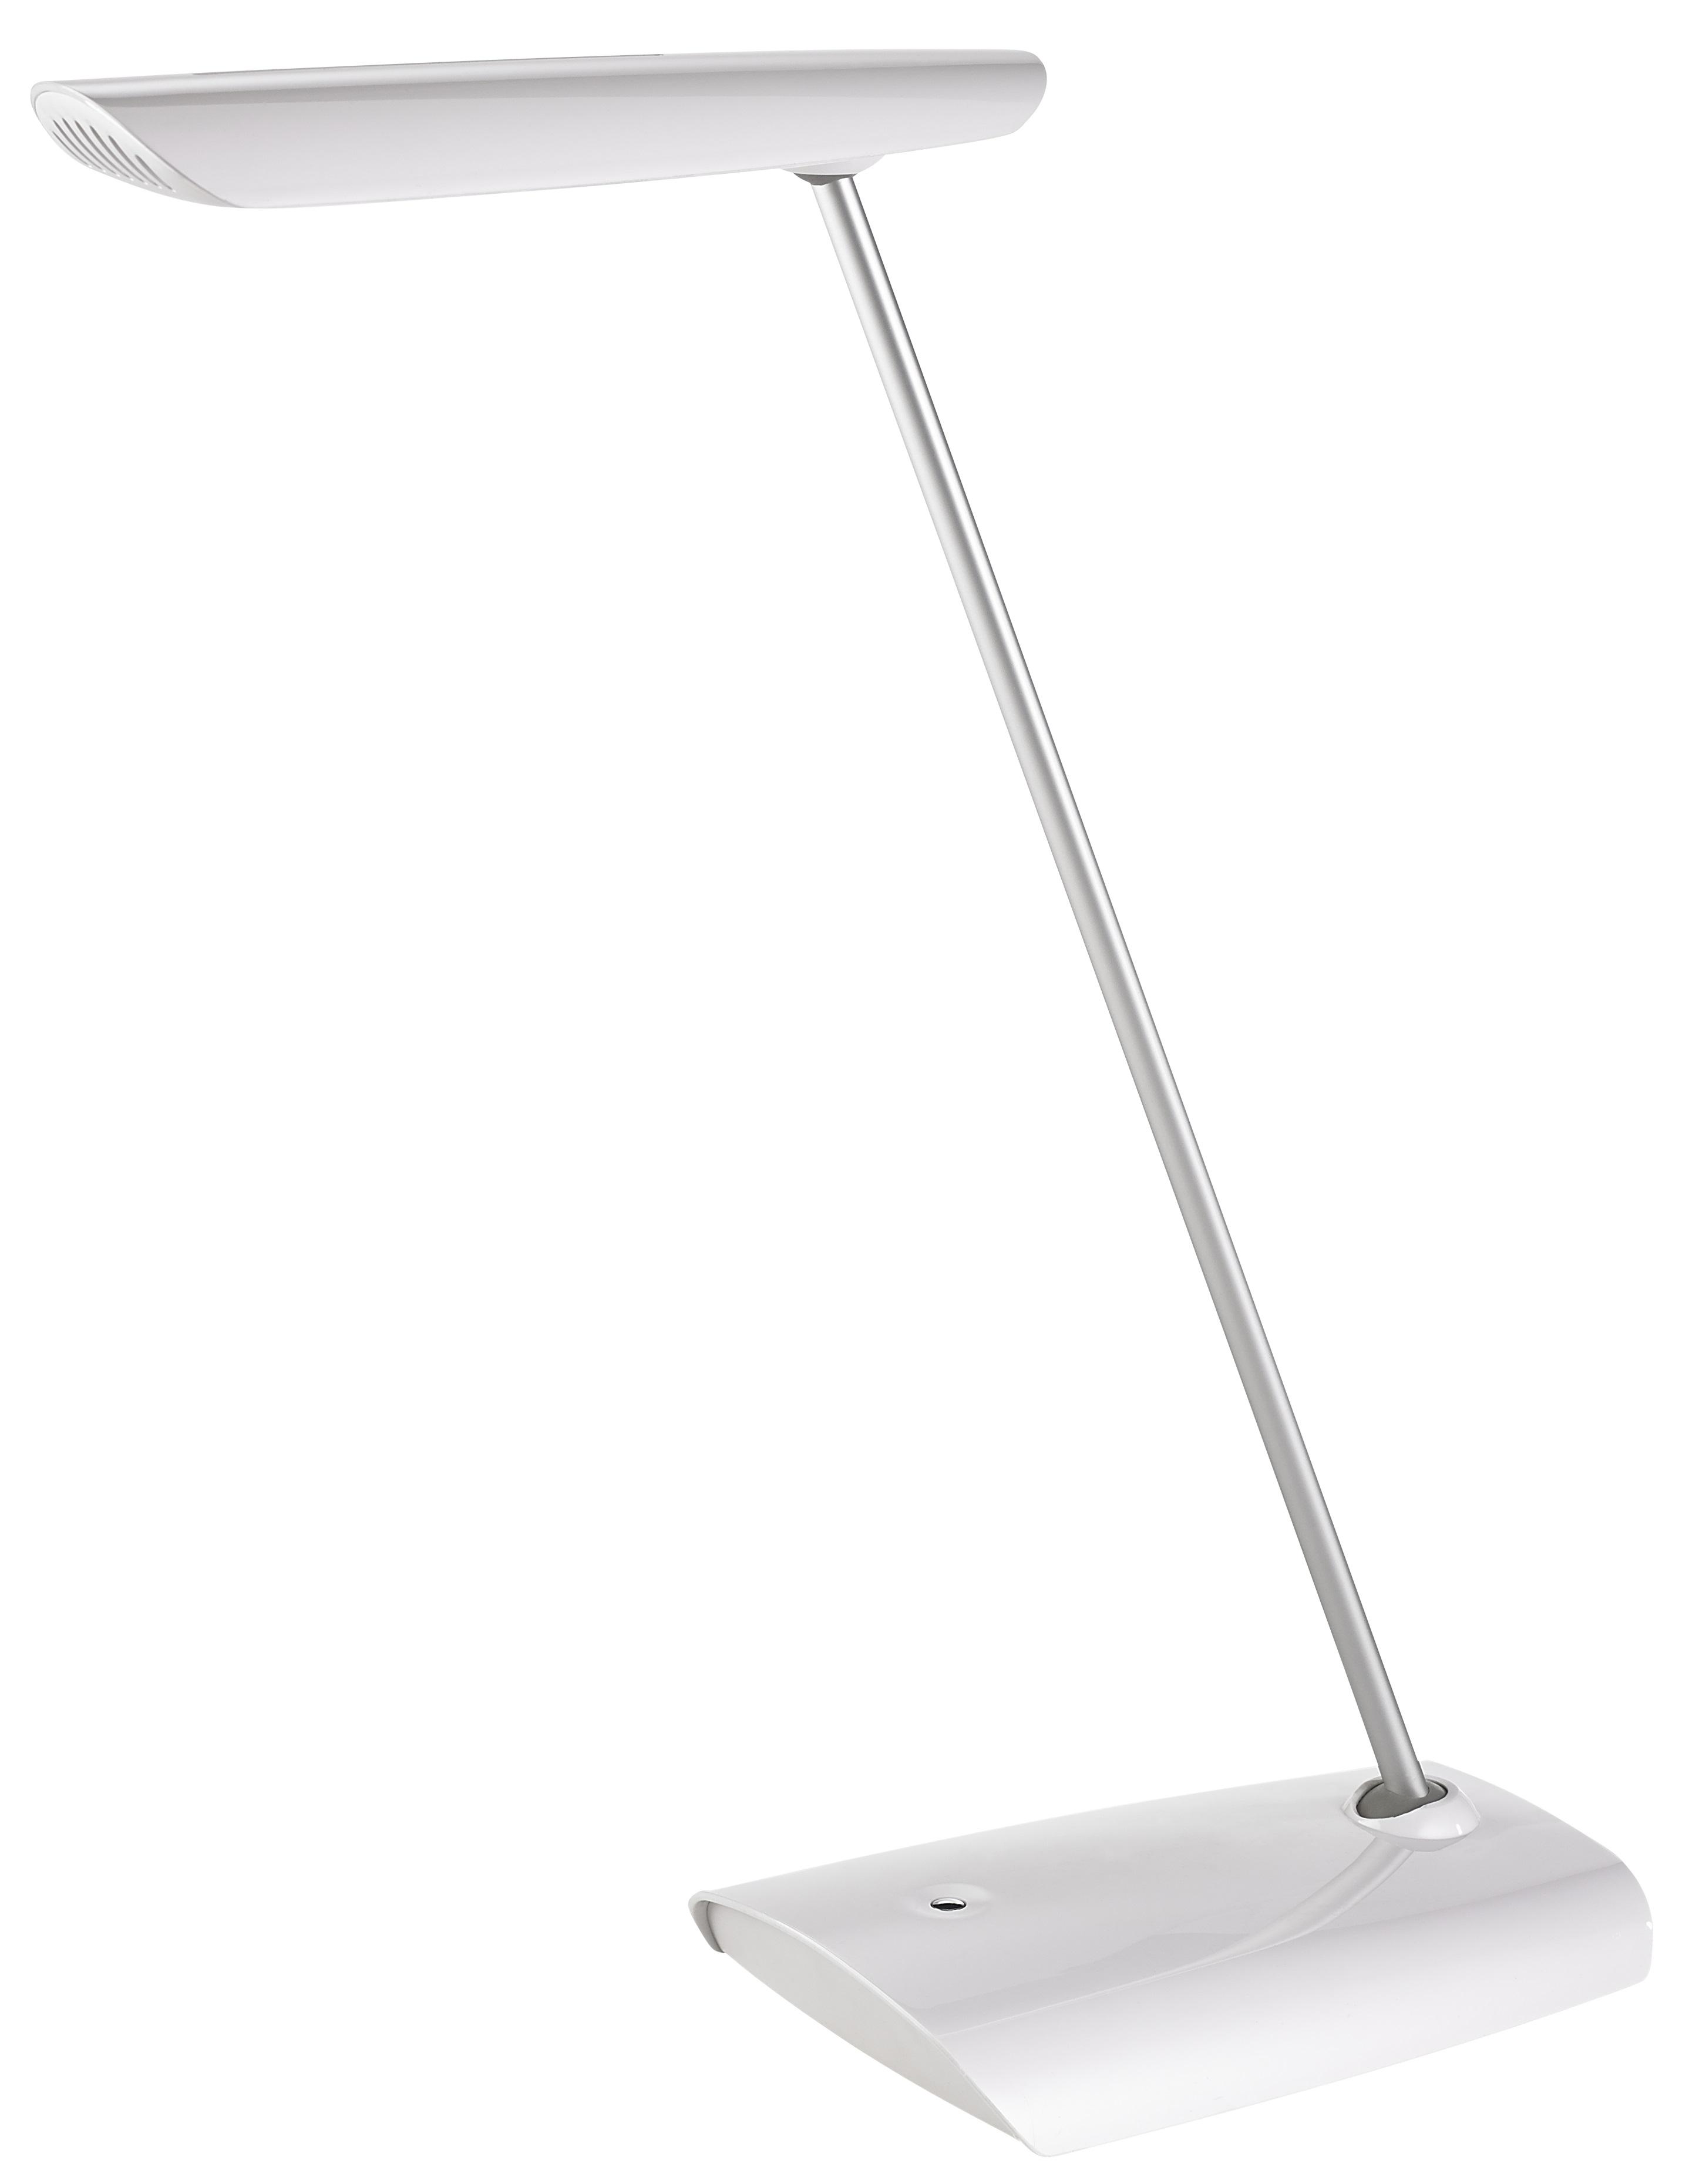 Lampa de birou cu led, 12 x 0.416W, 1600 lux - 40cm, ajustabila, ALCO - alba